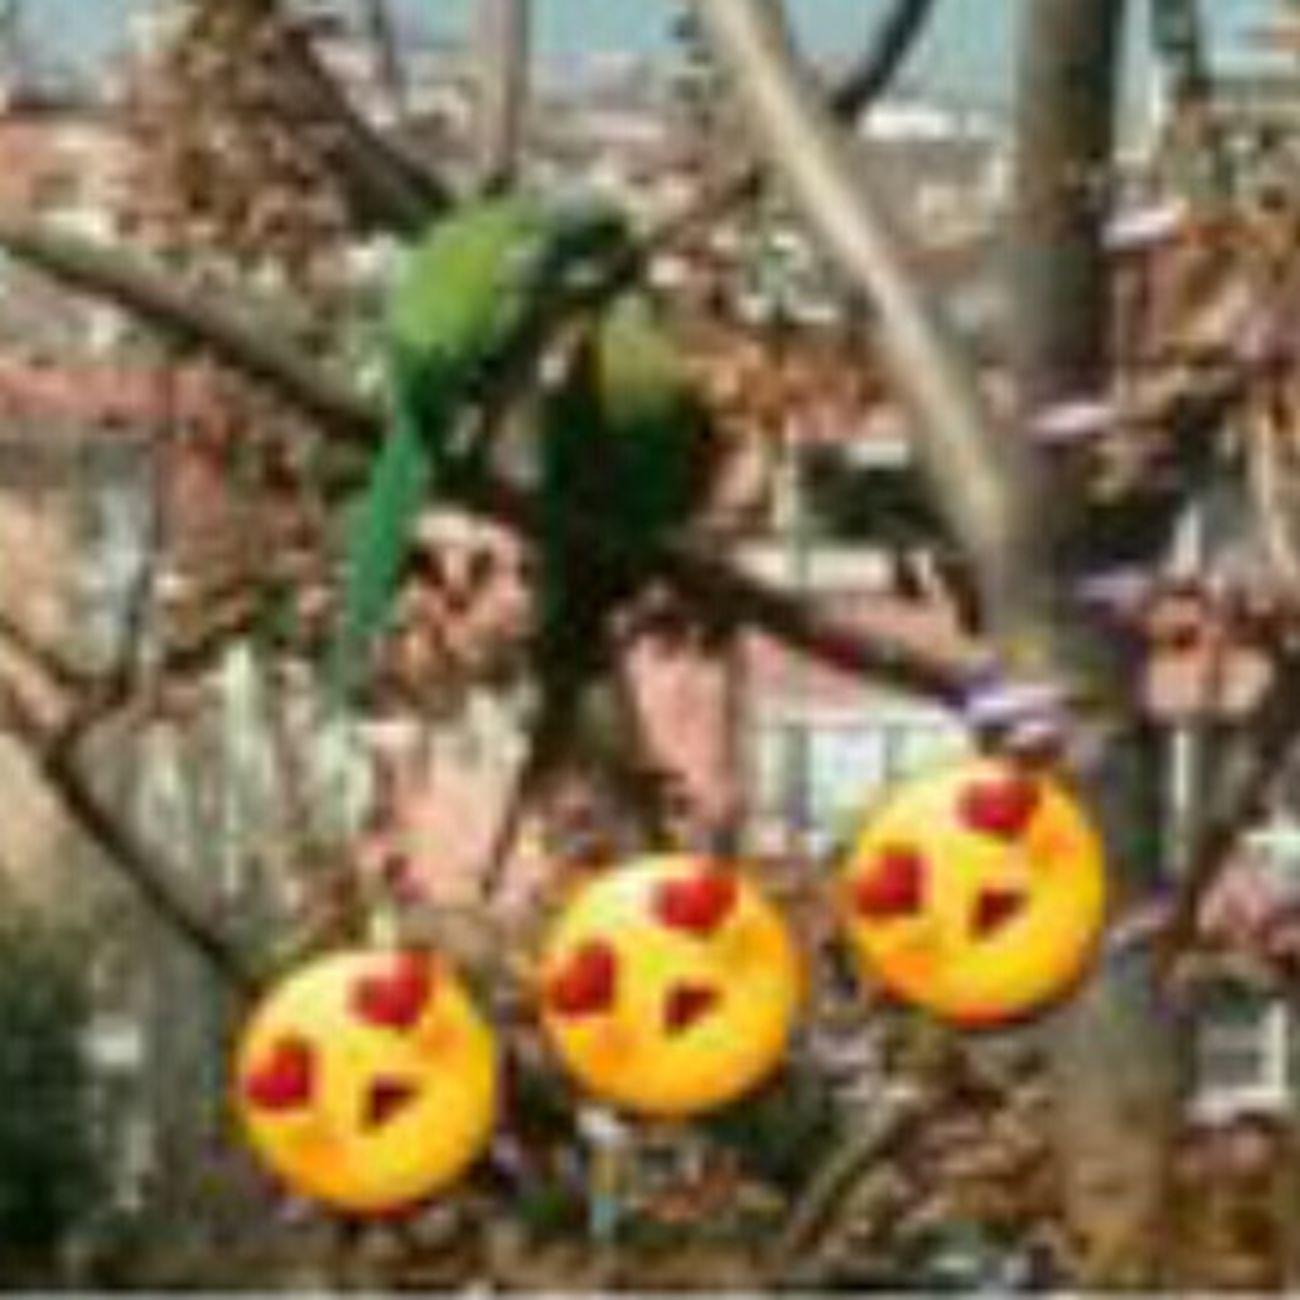 Birds🐦⛅ Bird Love Love ♥ LoveItSooooooooooMuch Lovely Coolday Turkey Goodday✌️ Doyoulikeit? Socute💕 Cute Pet Withlove❤️ Haveaniceday Justlookingforrandomhashtags